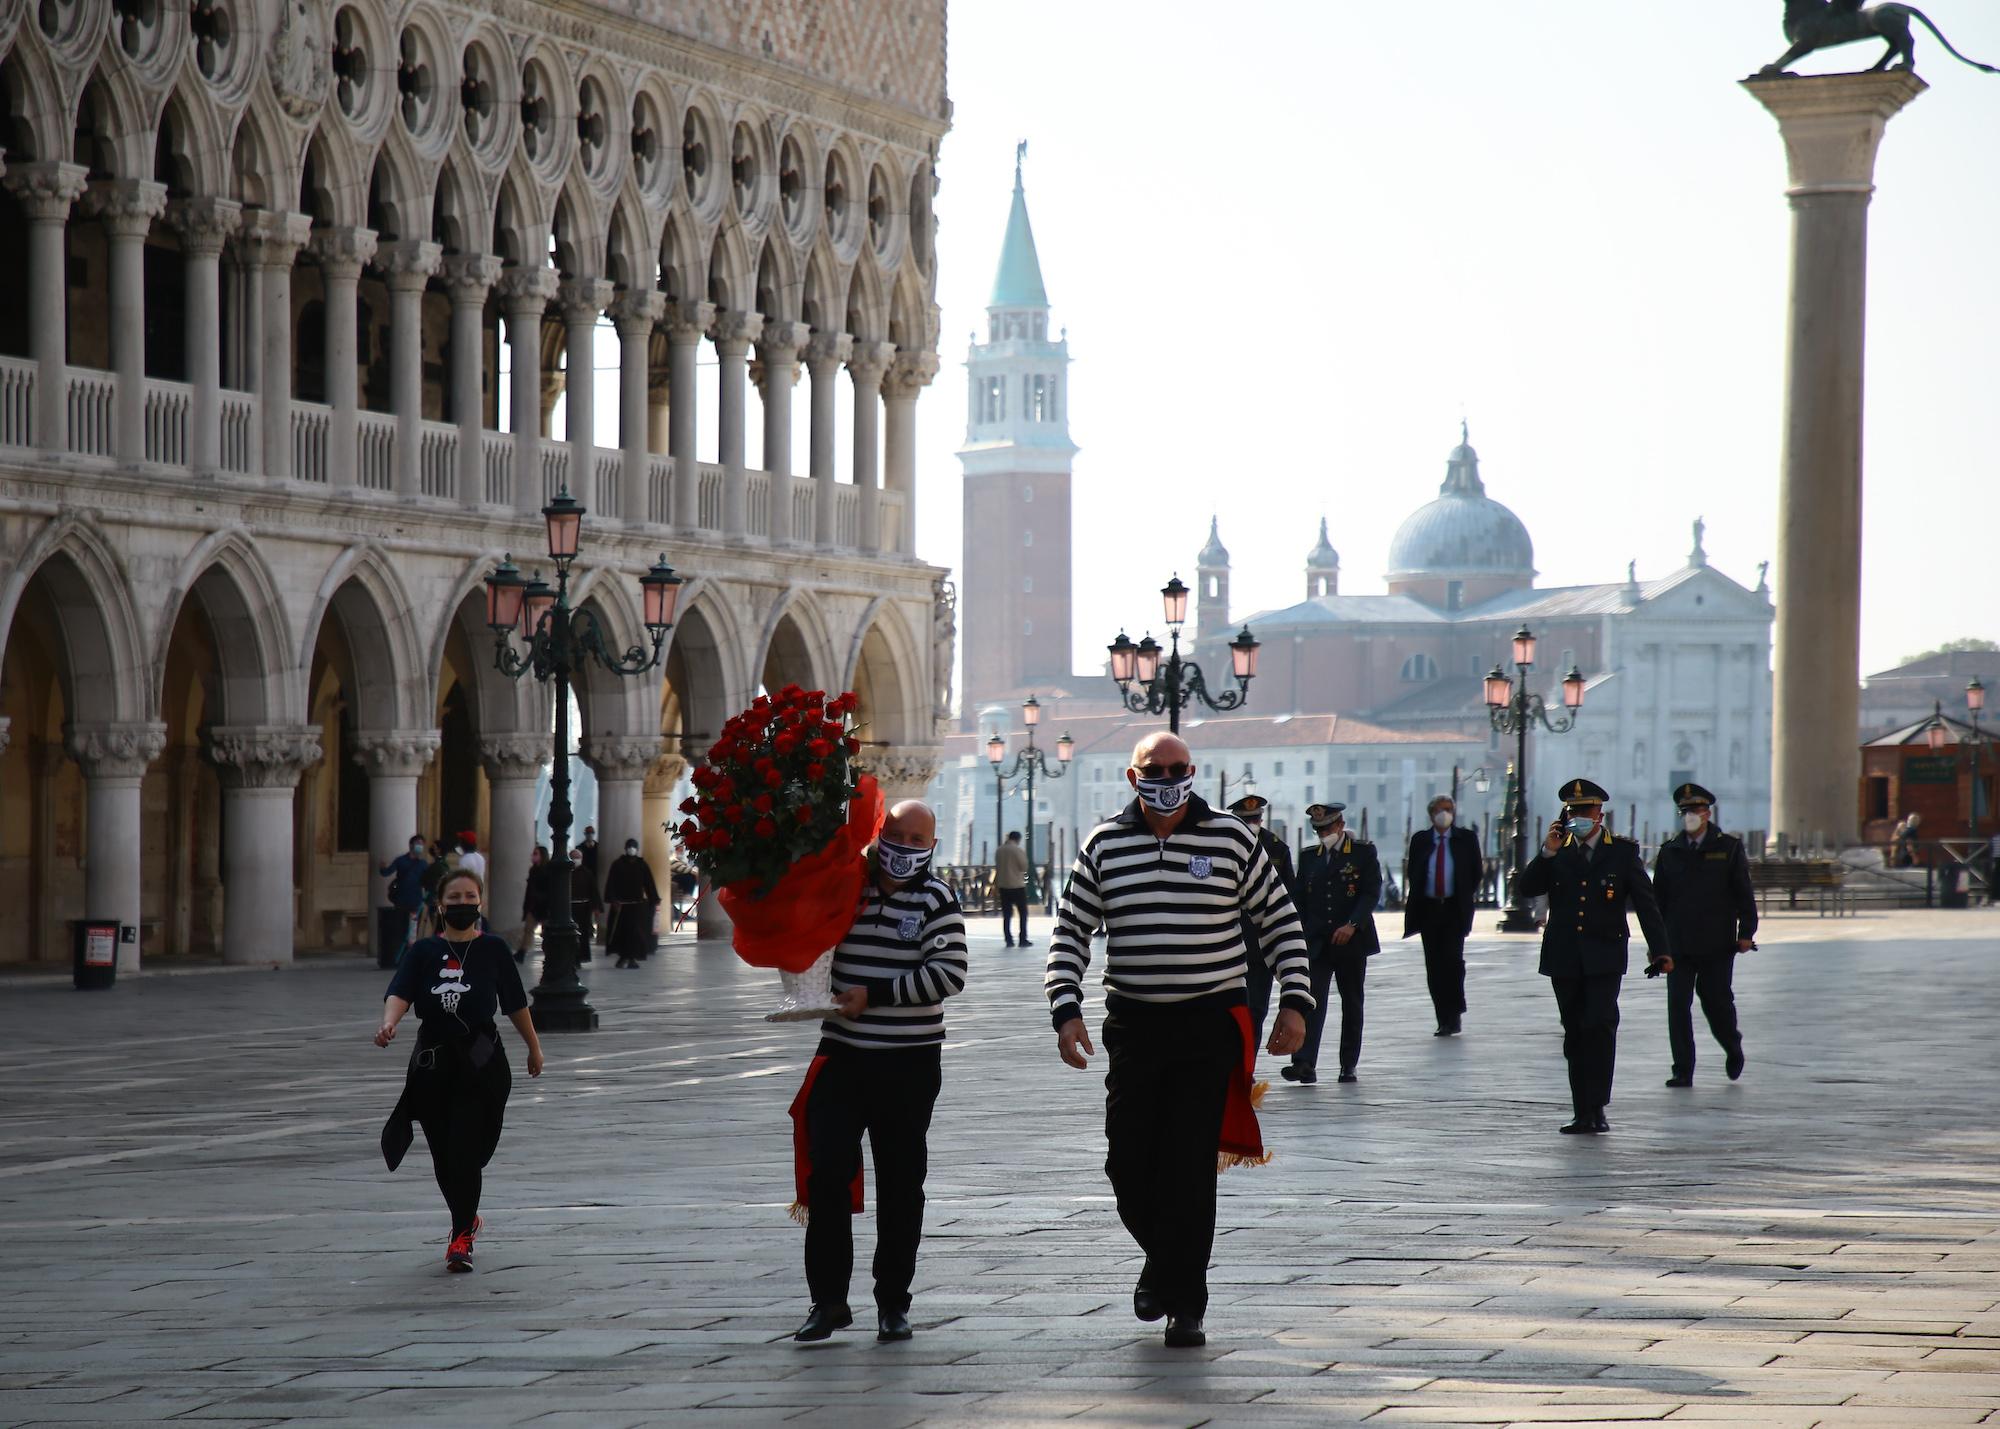 quando-riprenderanno-a-viaggiare-gli-italiani?-lo-calcola-il-sito-blastness